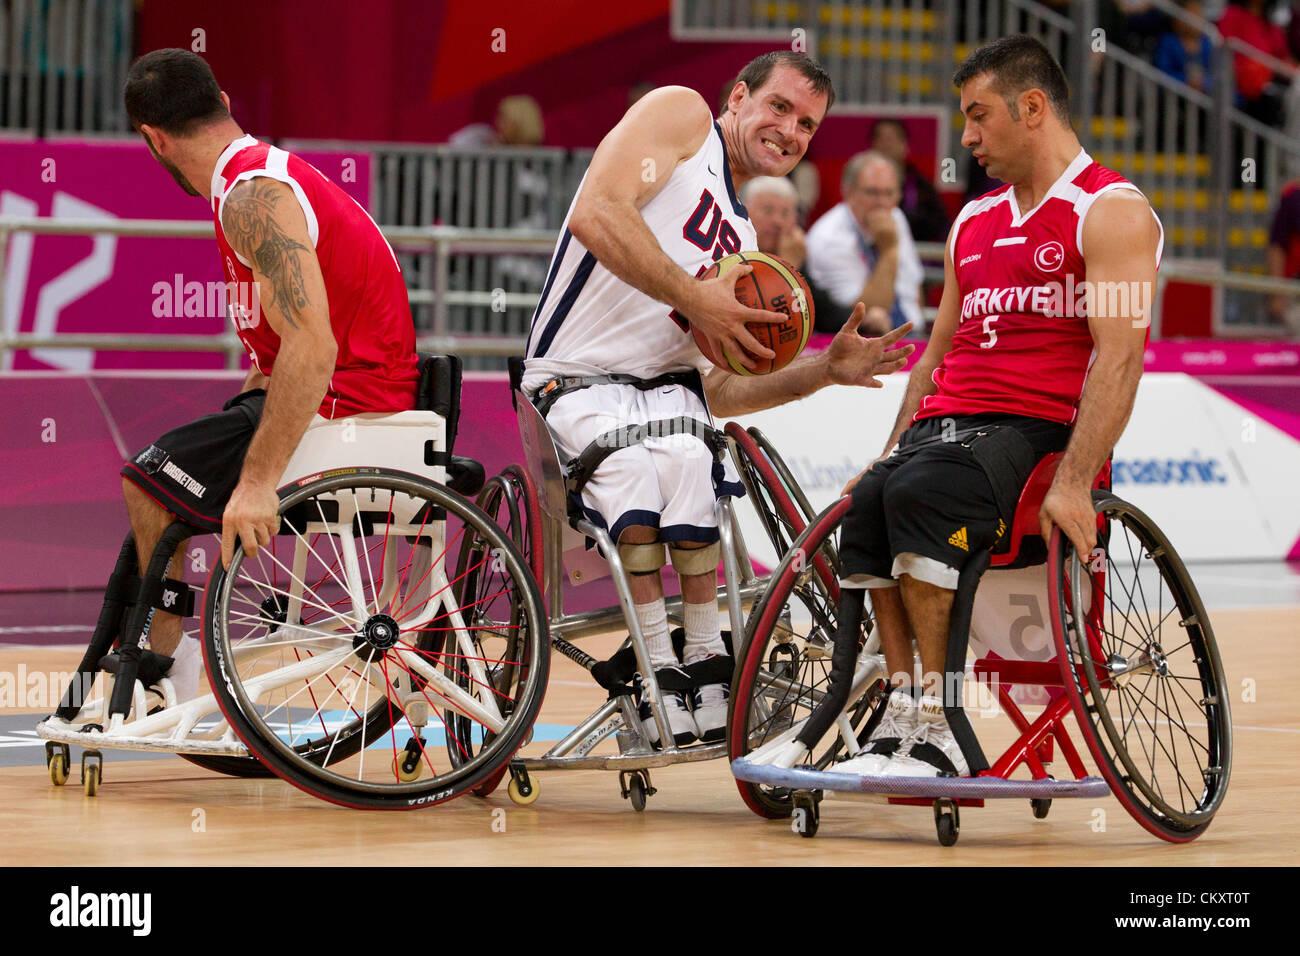 USA's Joshua Turek comprime entre deux Turcs au cours de match de basketball en fauteuil roulant aux Jeux Paralympiques Photo Stock